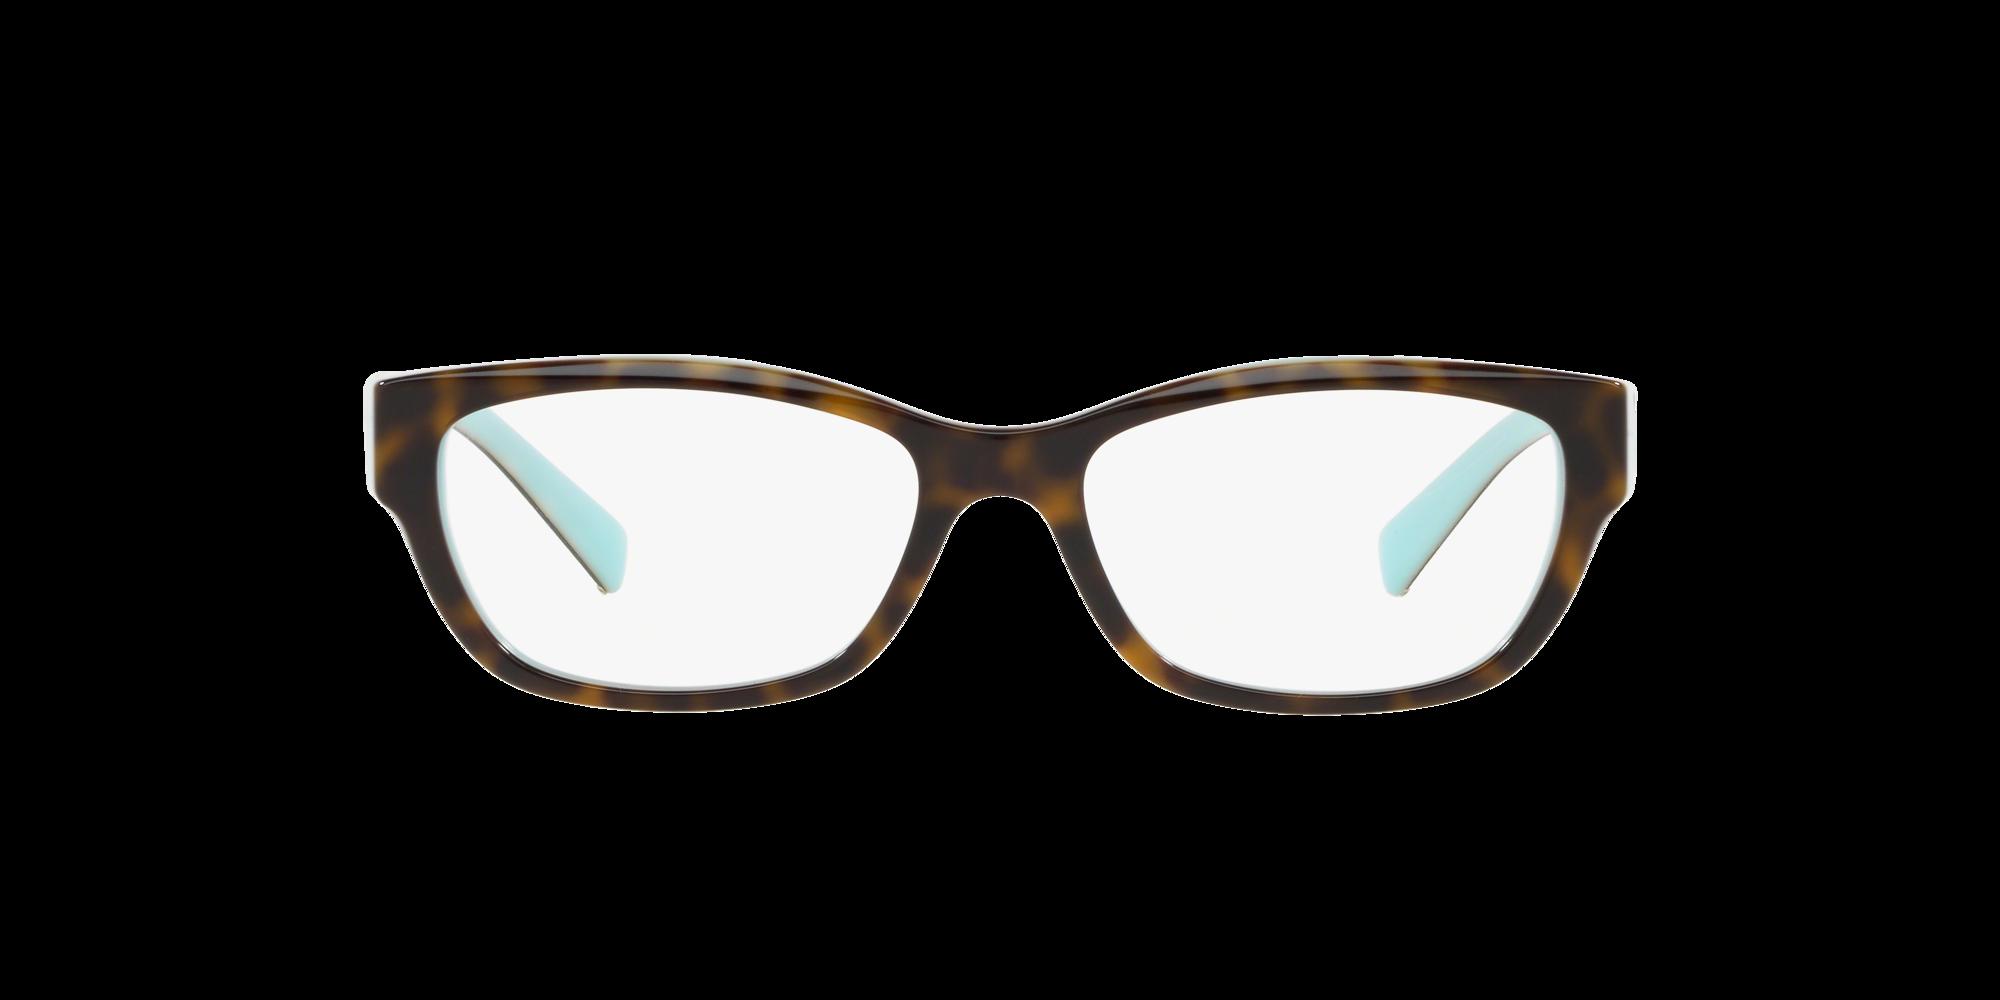 Imagen para TF2172 de LensCrafters    Espejuelos, espejuelos graduados en línea, gafas